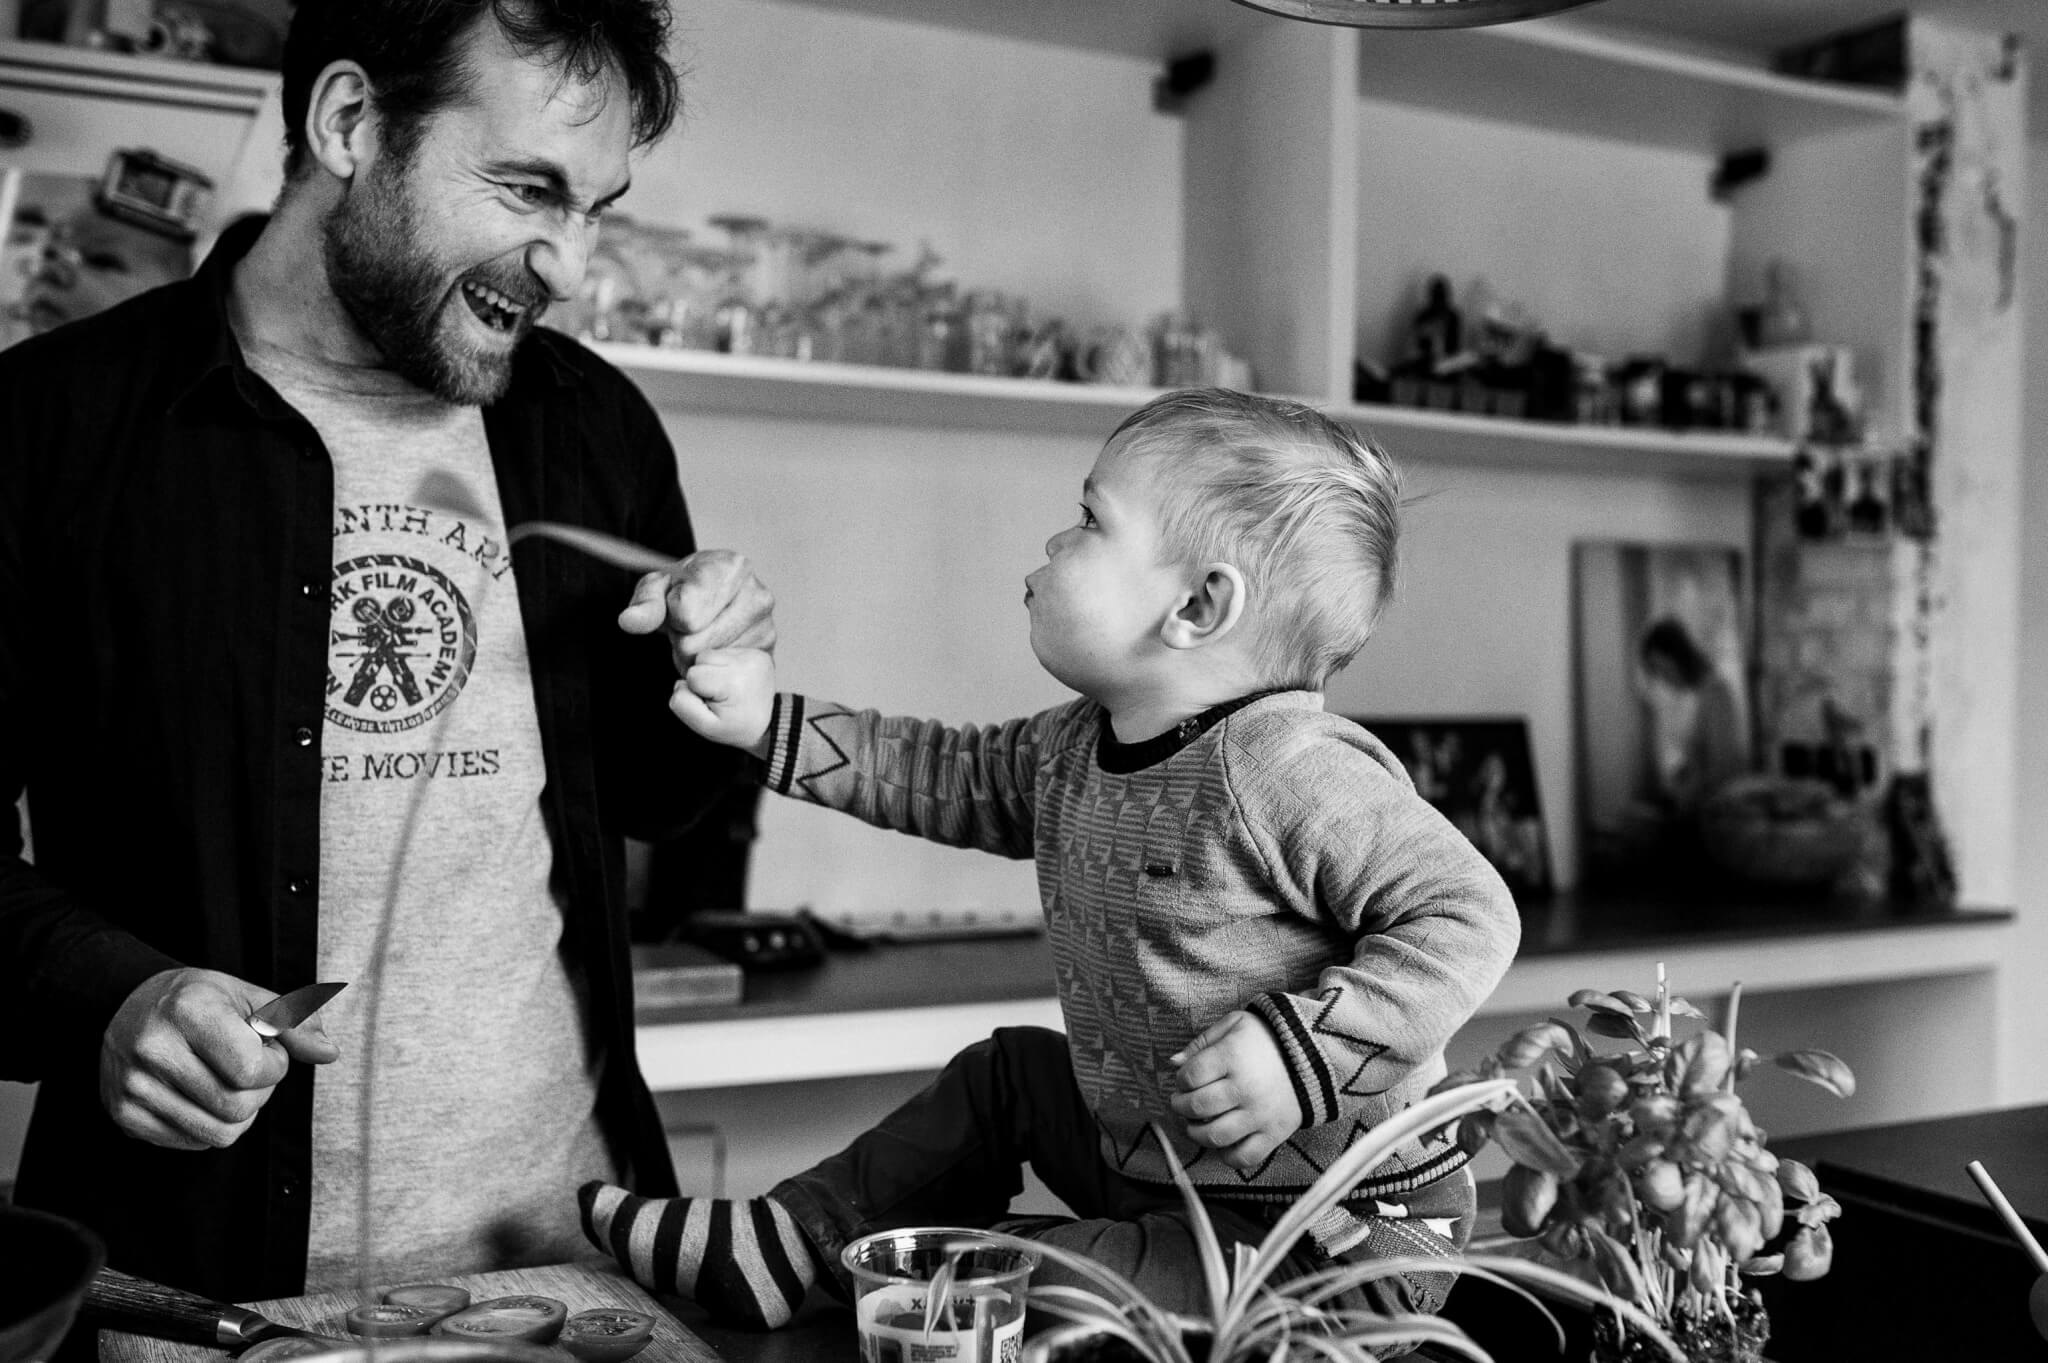 foto papa en zoon onderonsje vuistje. fotoreportage day in the life